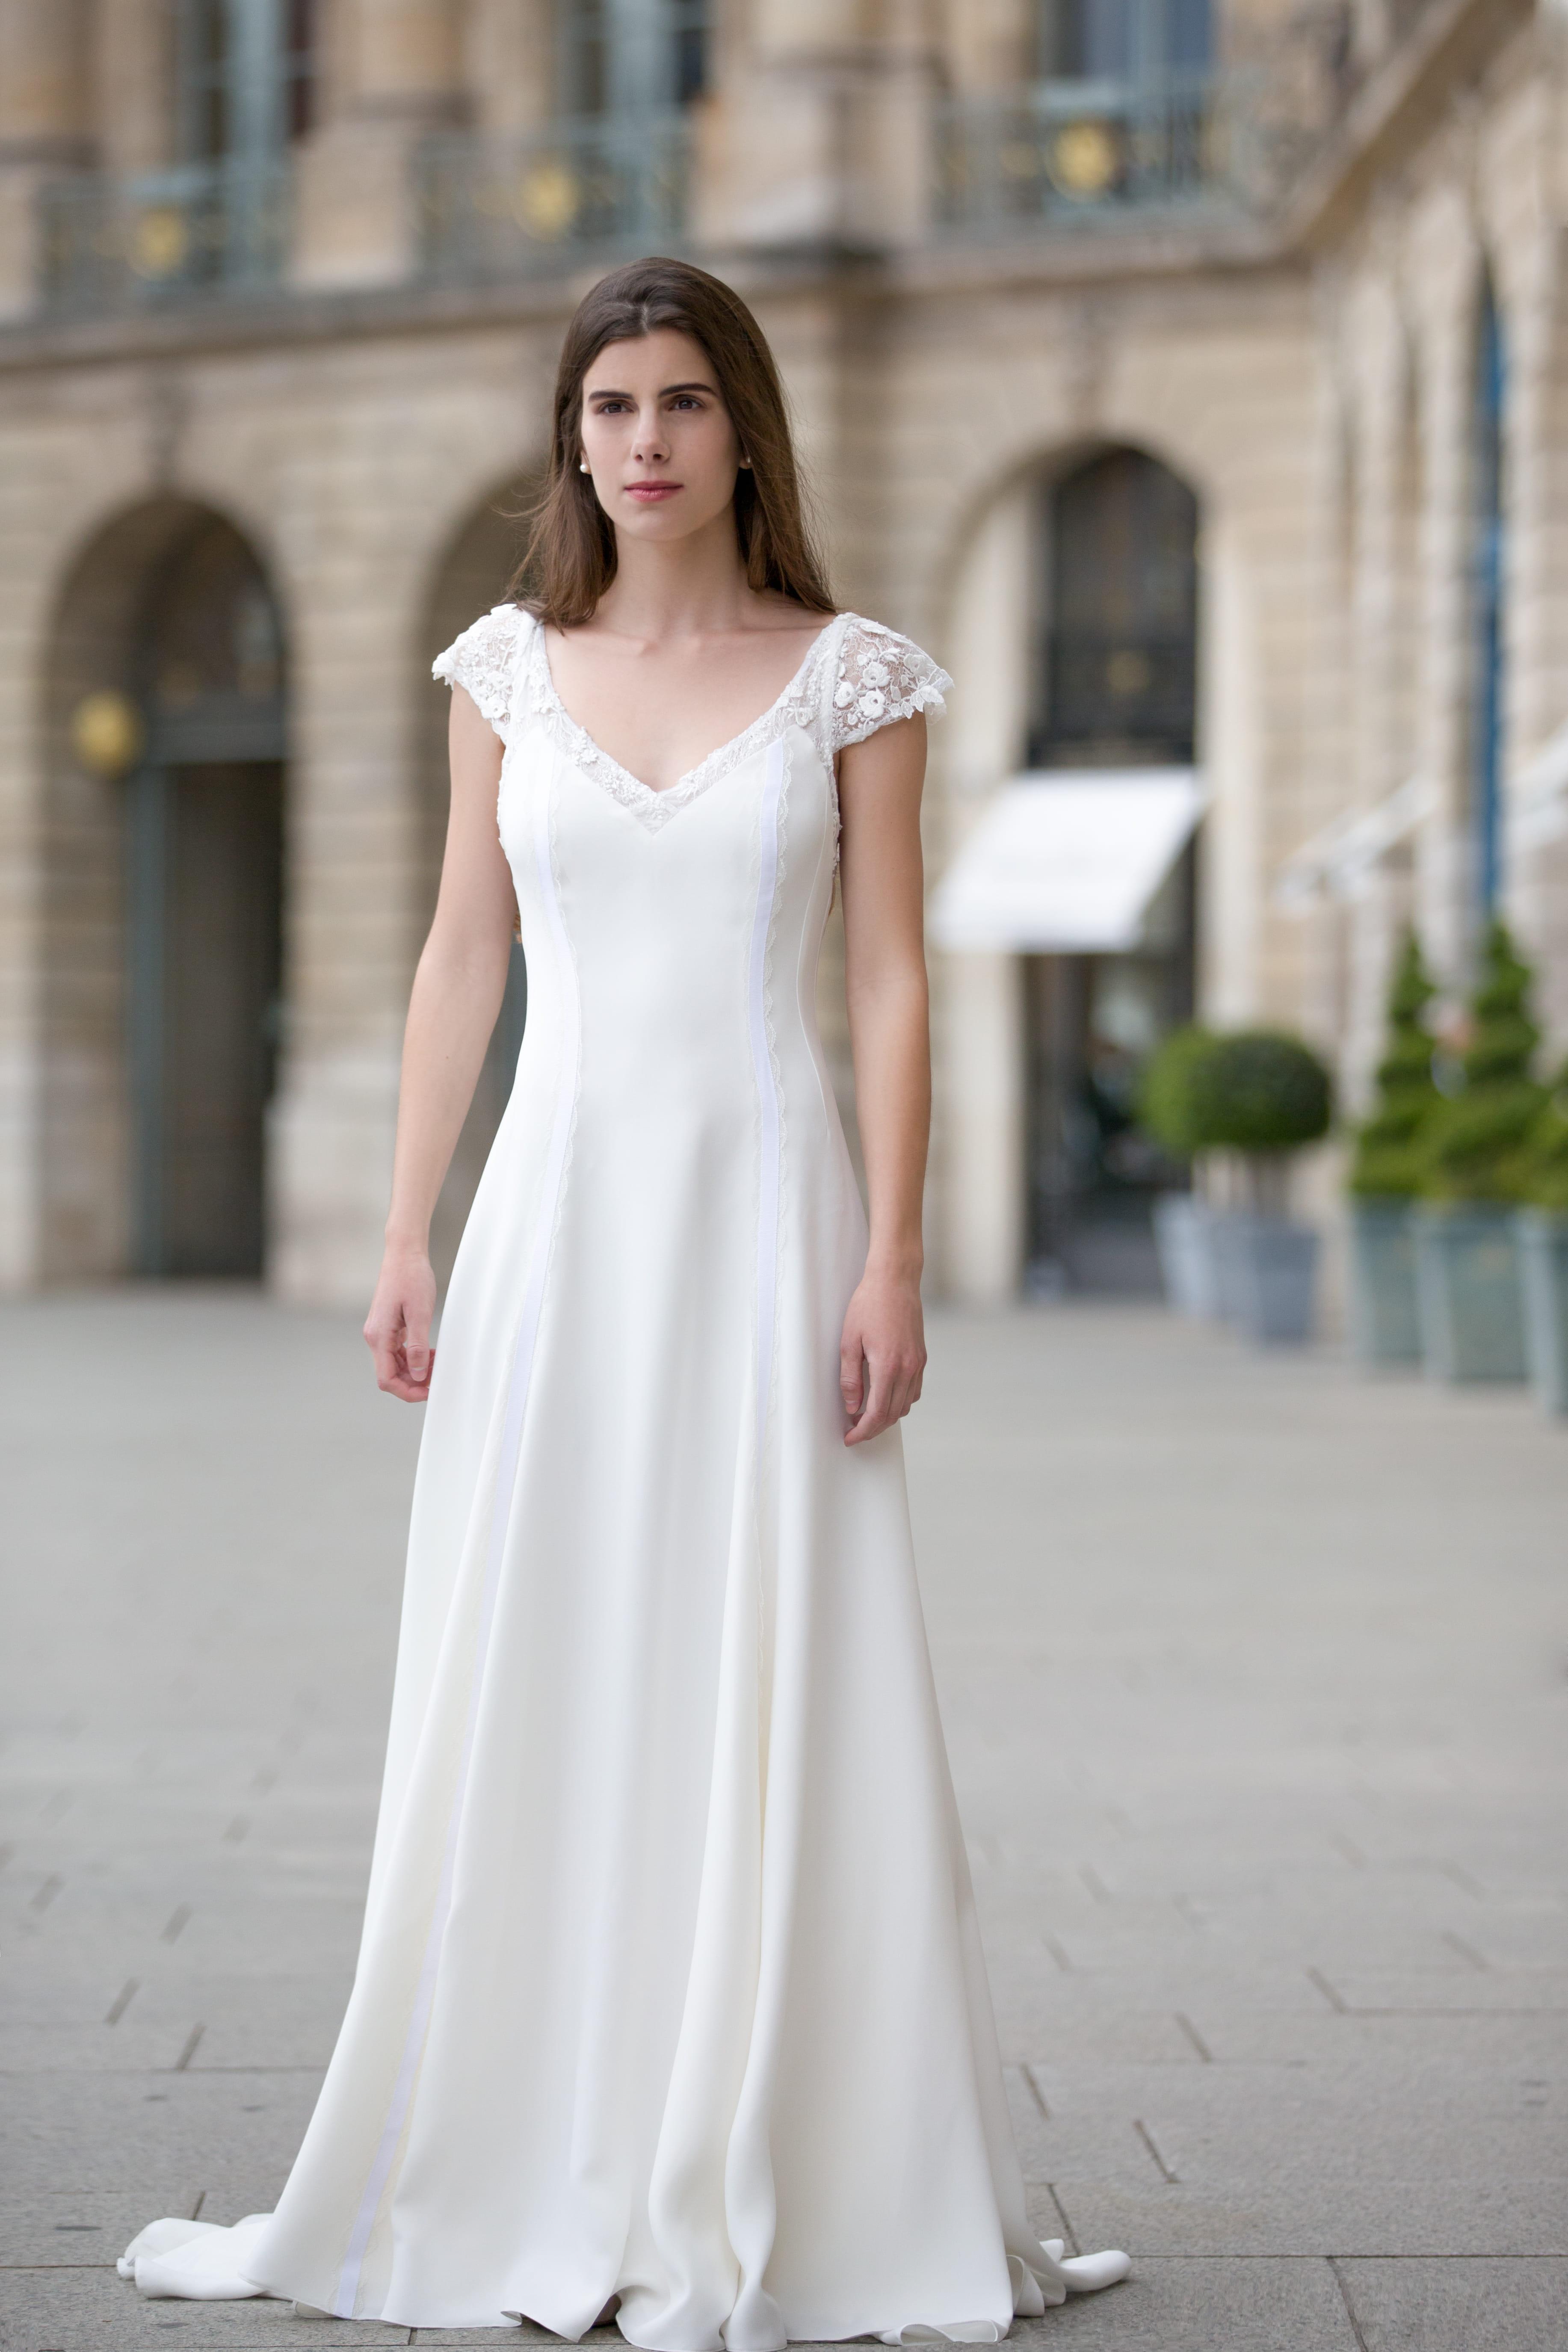 Robe de mari e champetre chic fashion designs - Robe de mariee romantique champetre ...